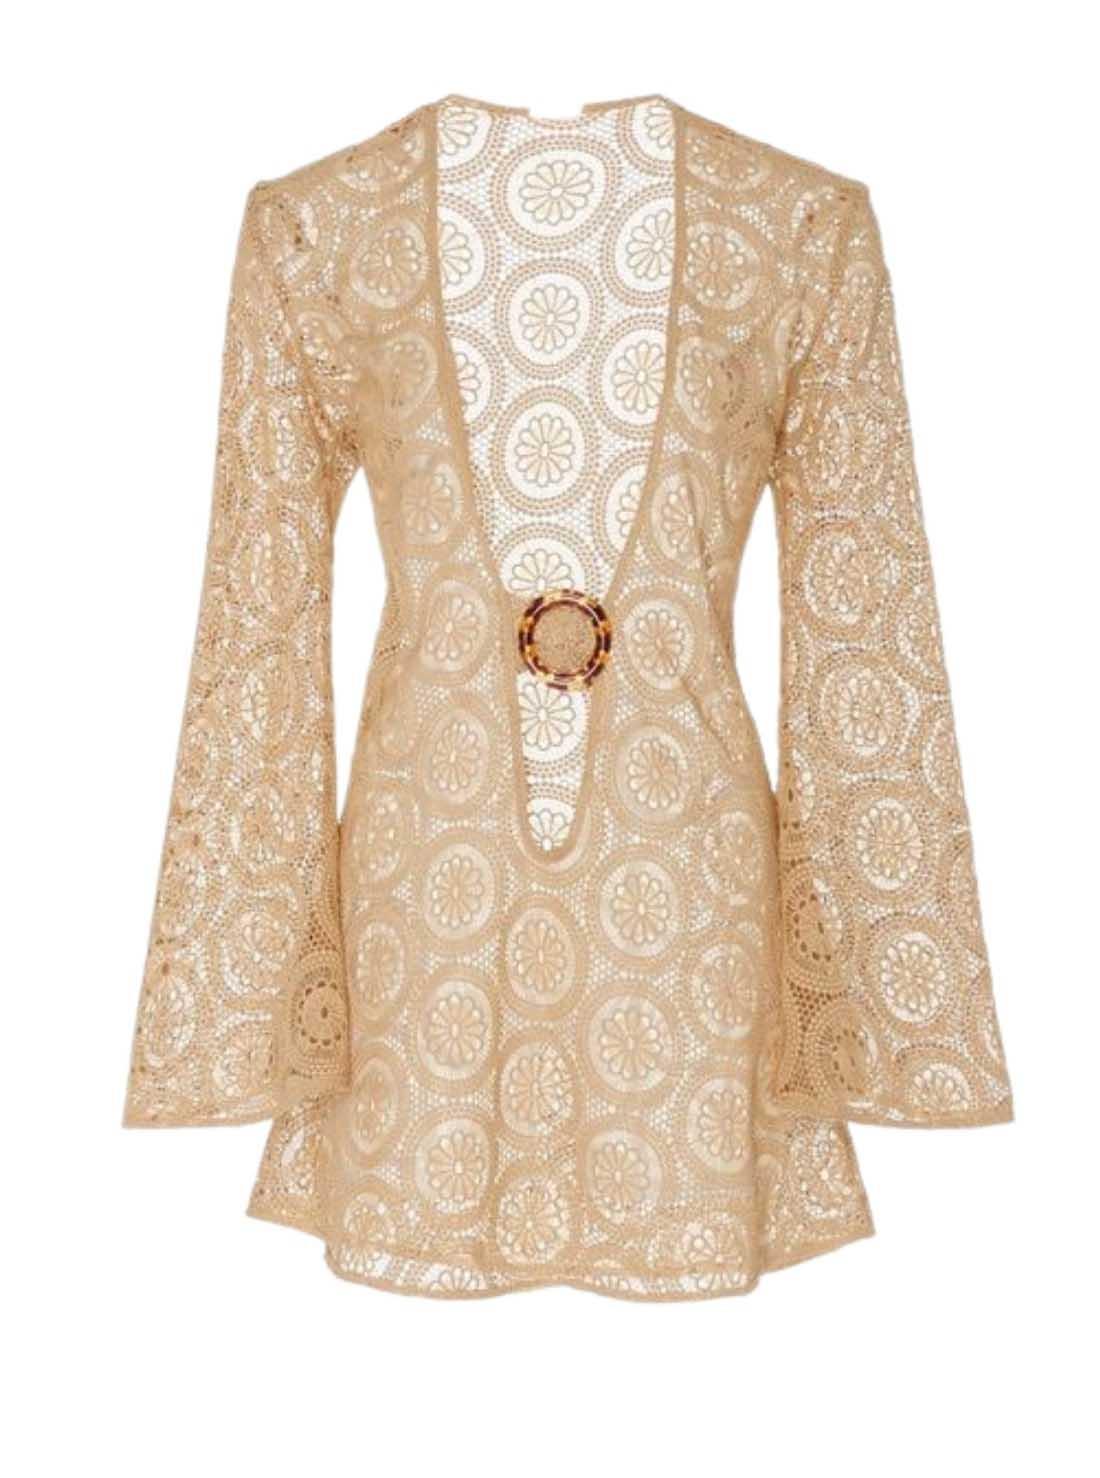 long Sleeves Cotton Crochet Lace Beachwear Dress